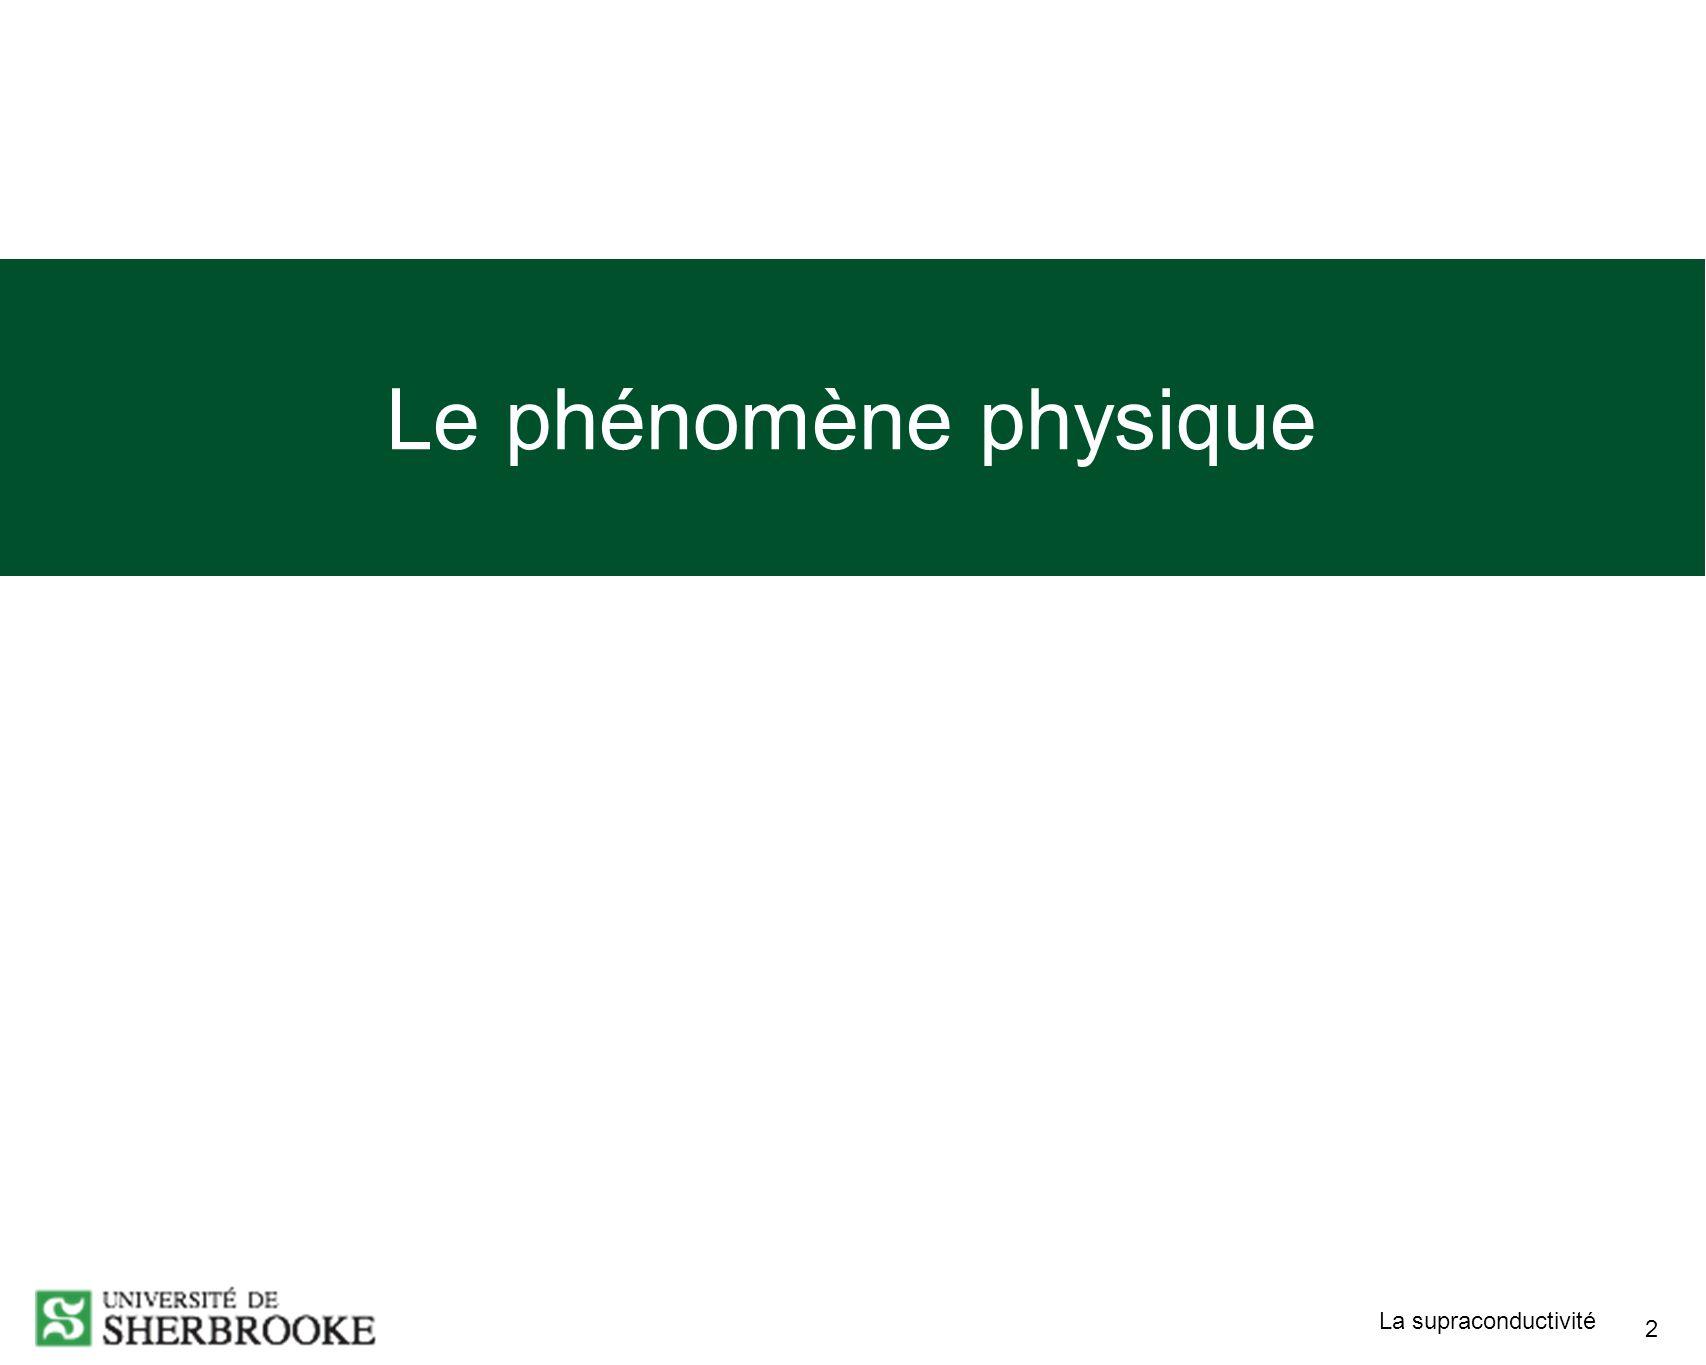 Le phénomène physique